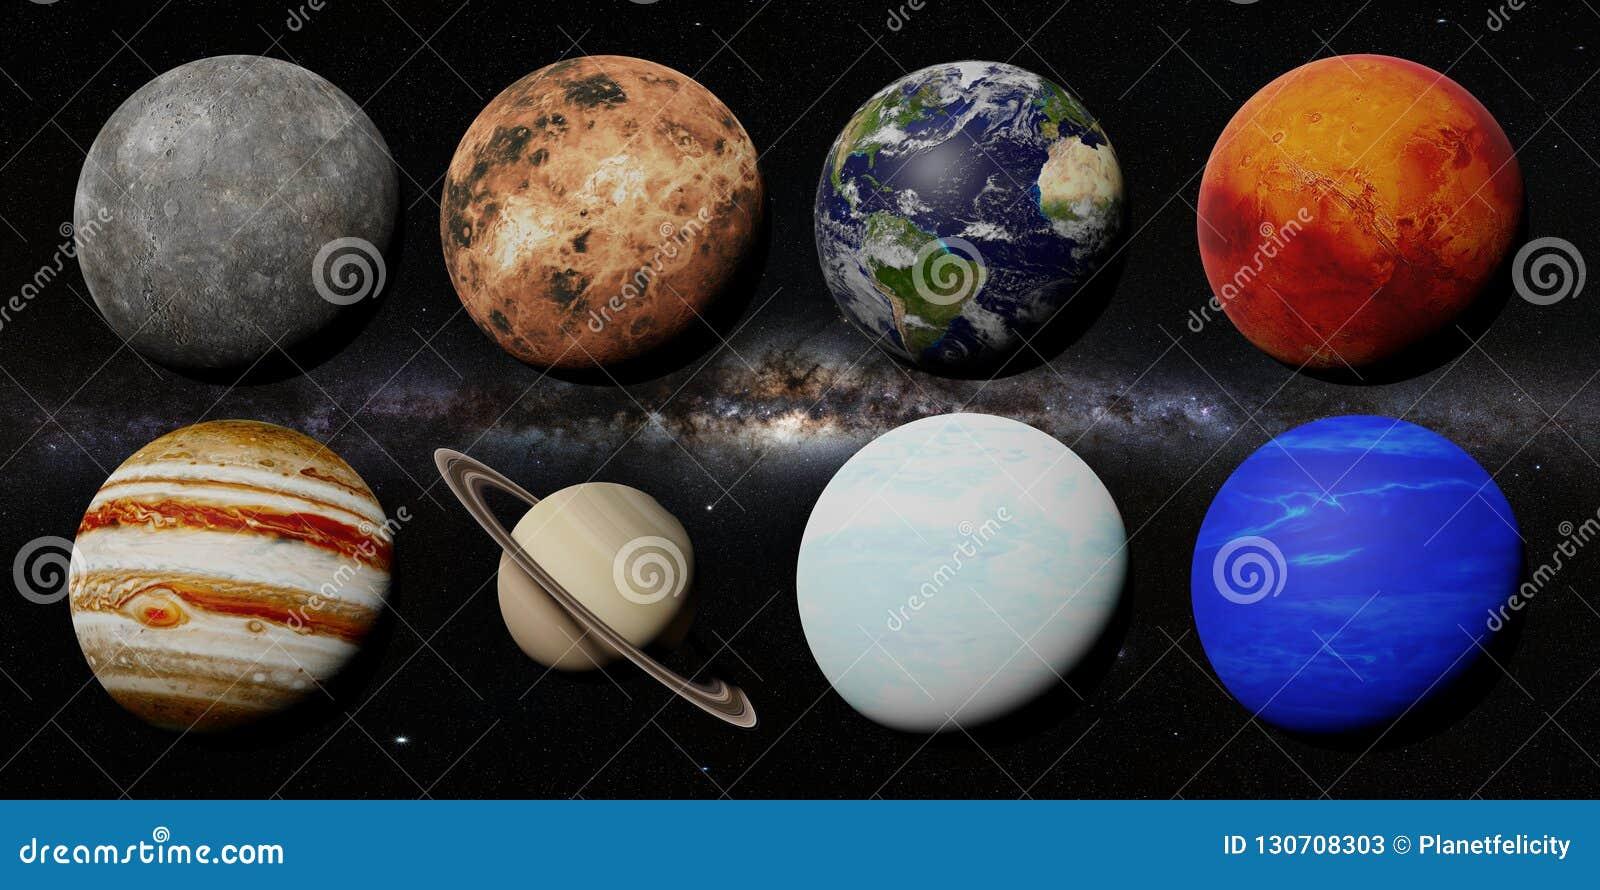 De planeten van het zonnestelsel voor de 3d ruimte die van de Melkwegmelkweg, worden elementen van dit beeld geleverd door NASA t